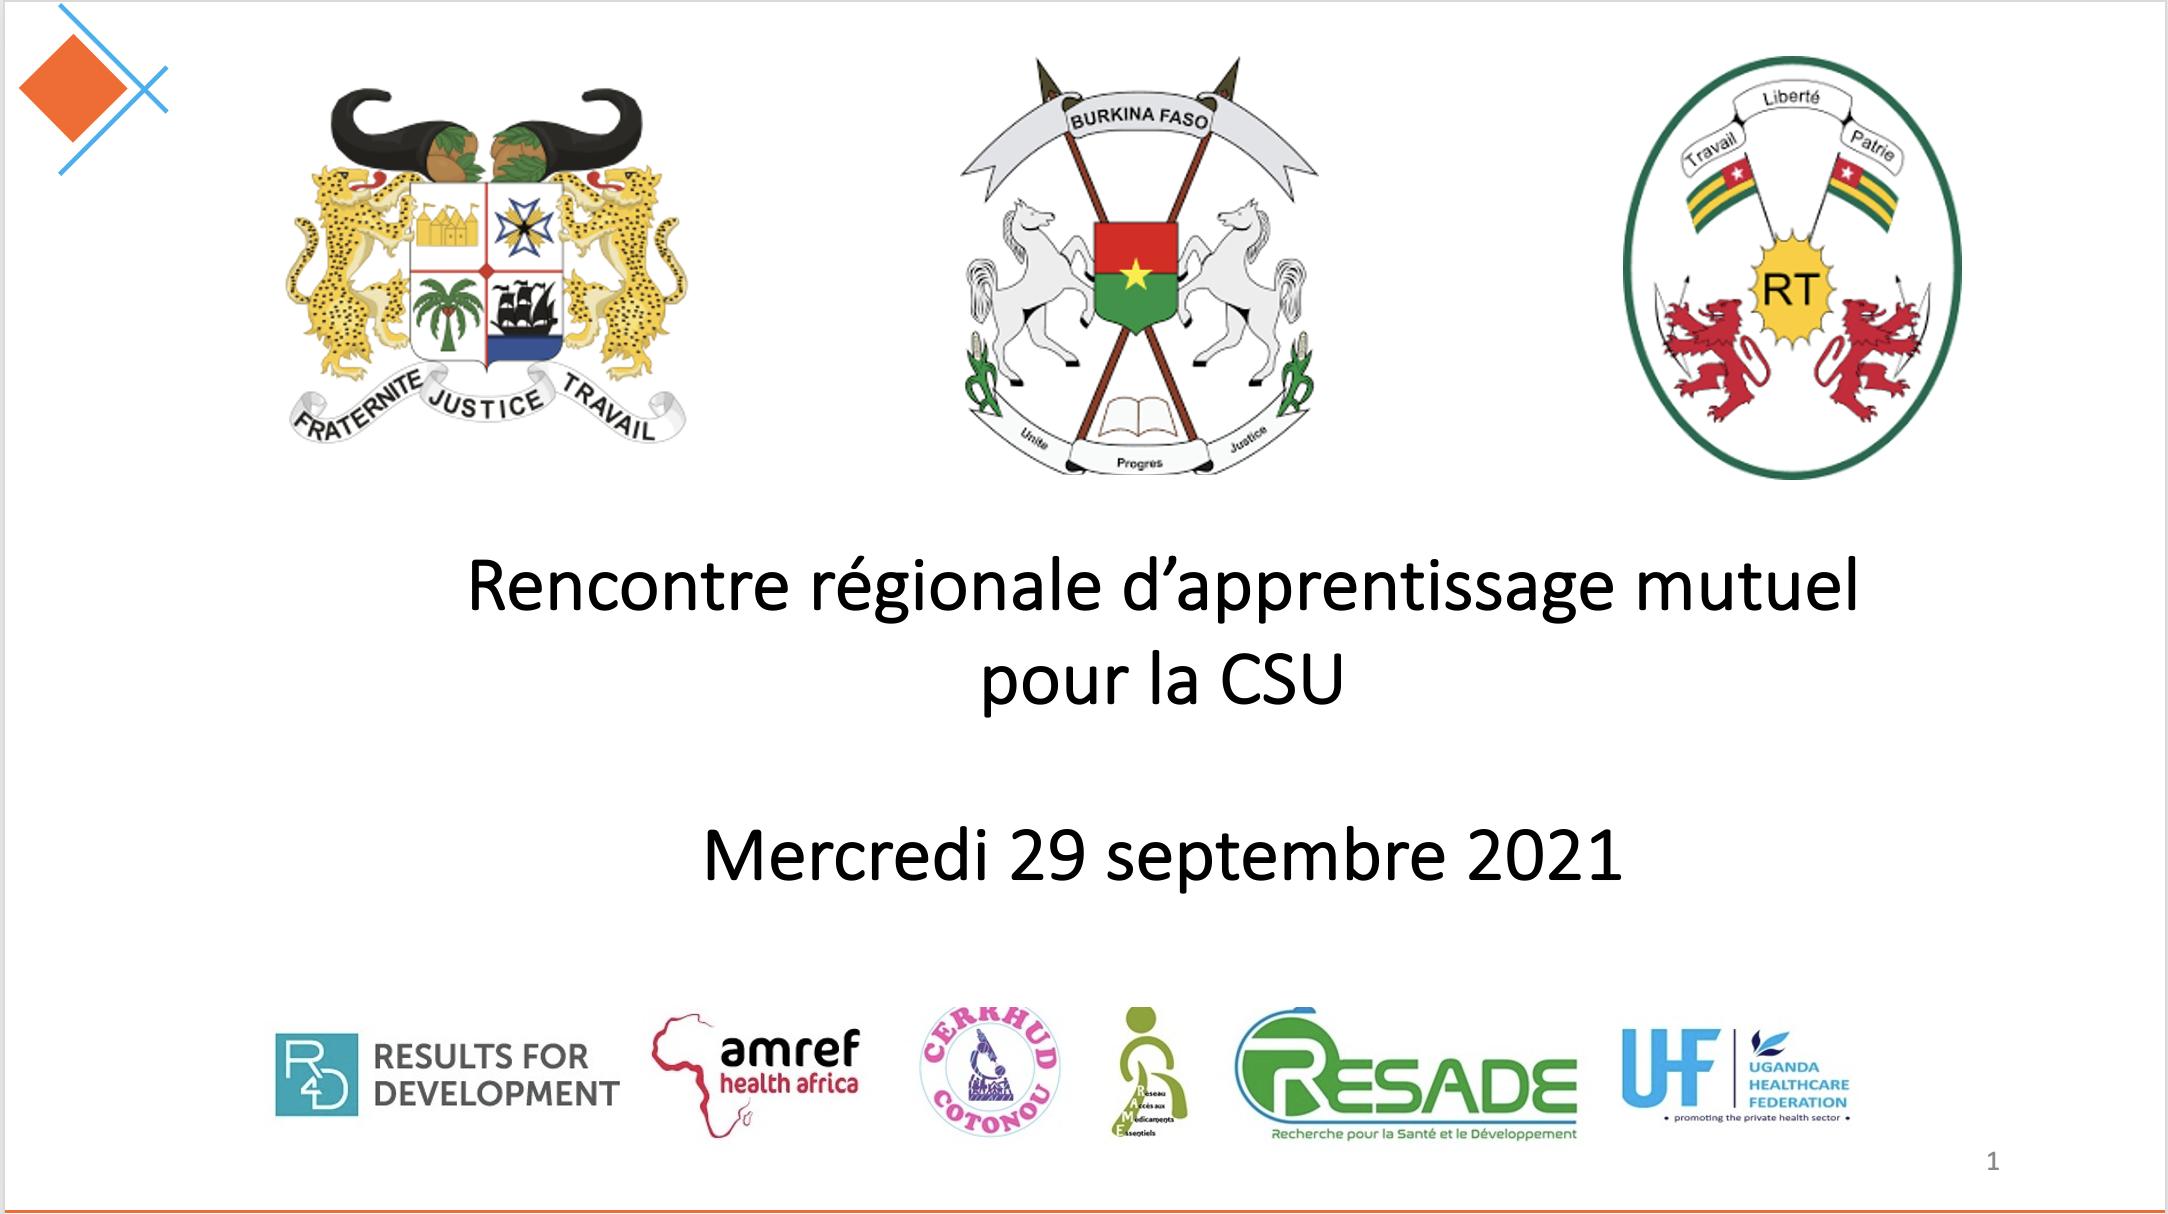 Le Bénin, le Burkina Faso et le Togo engagés pour une meilleure gouvernance de la CSU